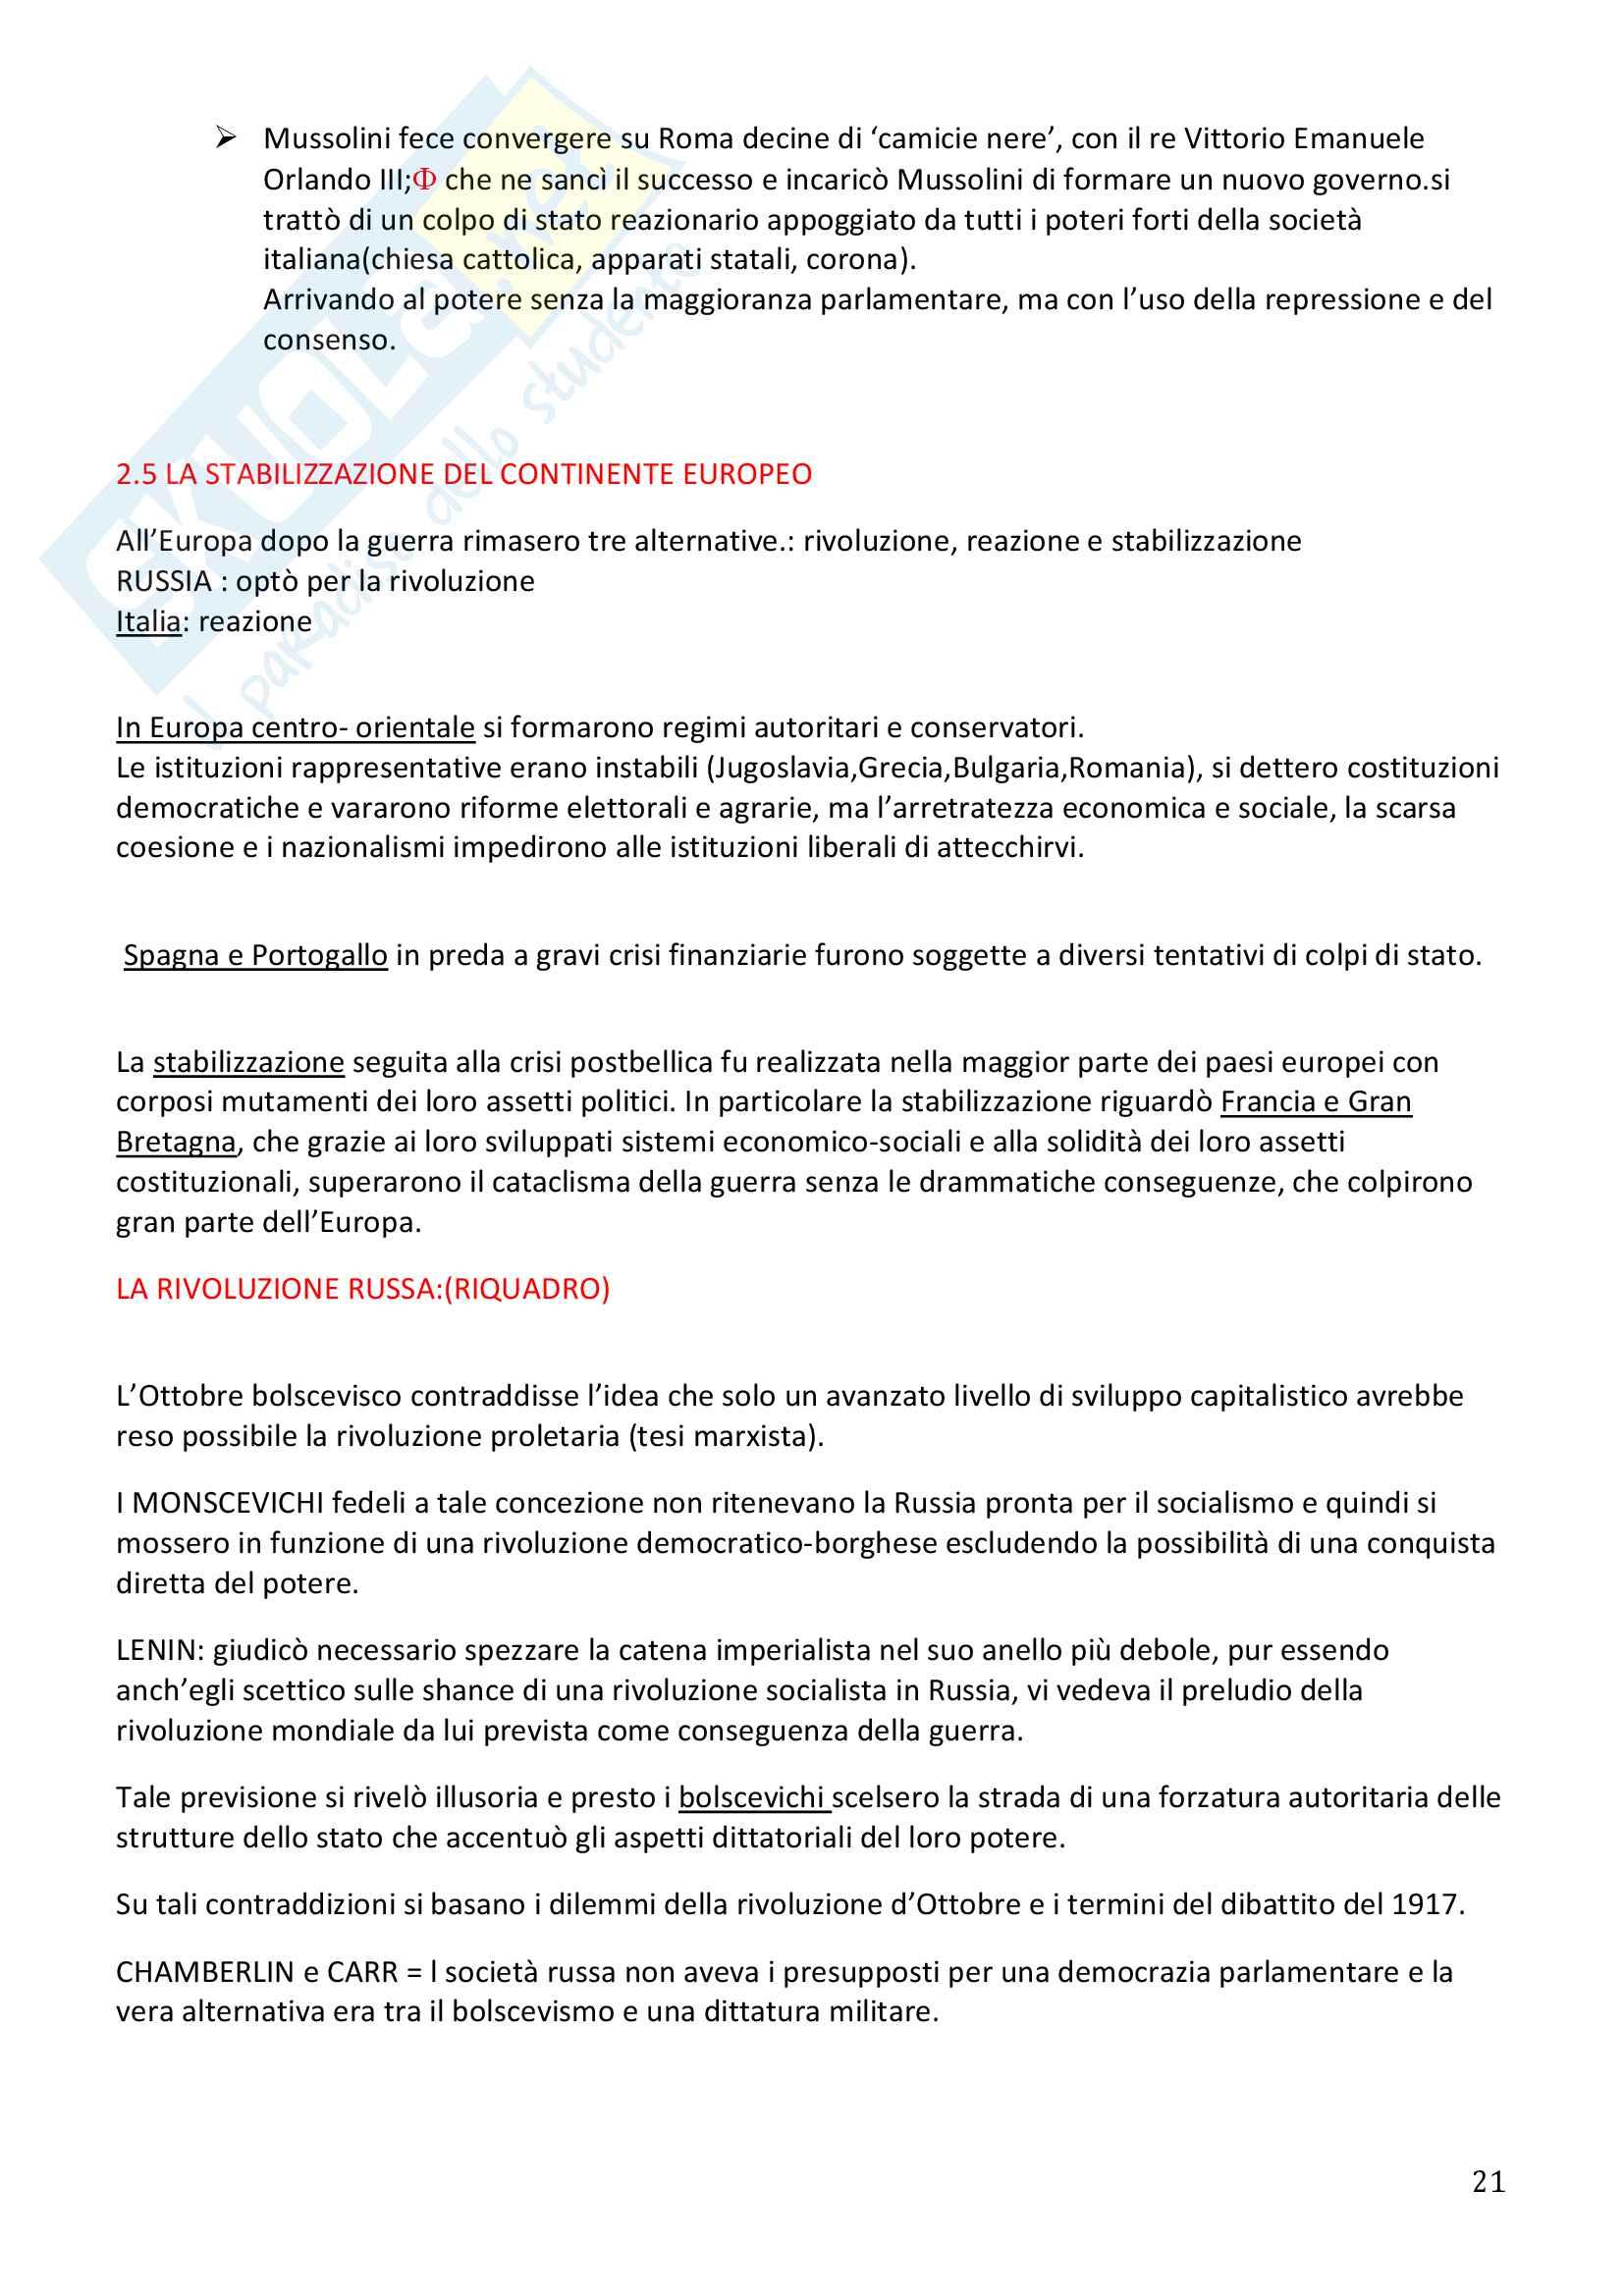 Storia Contemporanea, Detti, Gozzini il Novecento - Riassunto Pag. 21